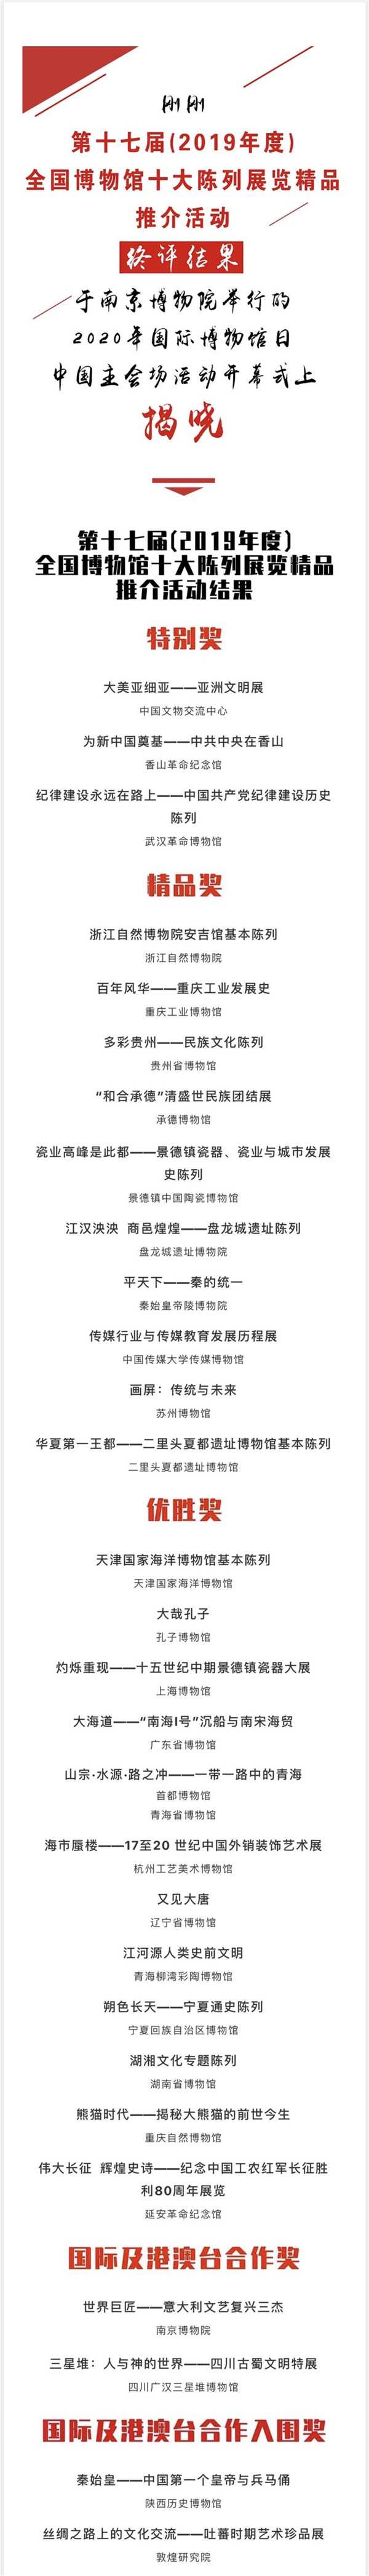 「杏悦注册」度全国博物馆十大陈列展览精品杏悦注册揭图片